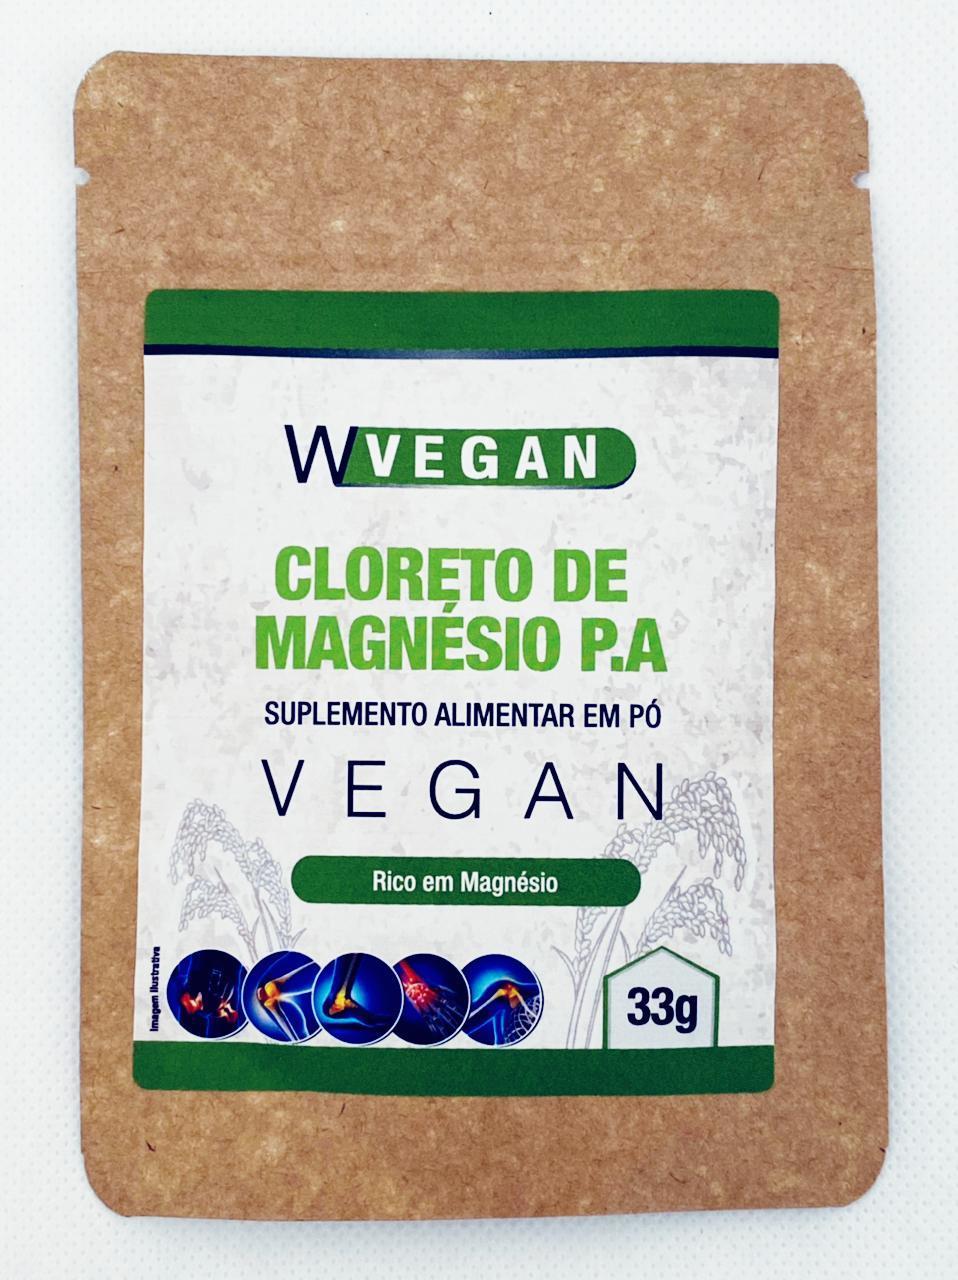 Cloreto de Magnésio P.A com 10 Saches de 33g WVegan